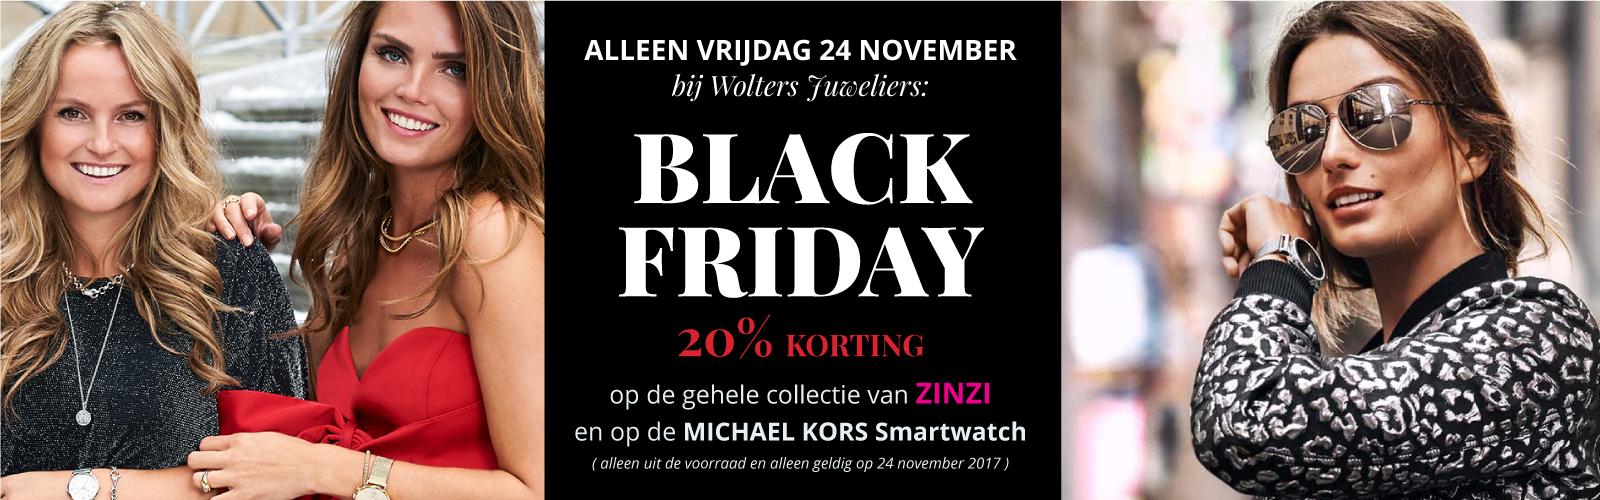 Black-Friday-korting-op-Zinzi-en-Micheal-Kors-smartwatch-bij-Wolters-Juweliers-Coevorden-Emmen